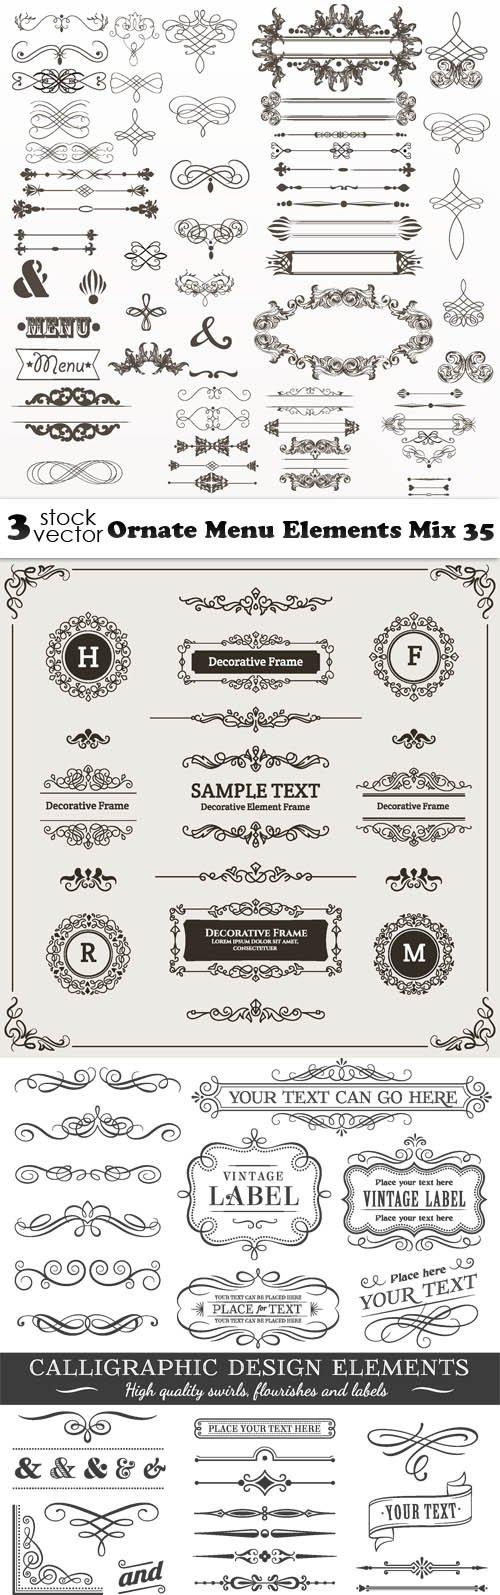 Vectors - Ornate Menu Elements Mix 35